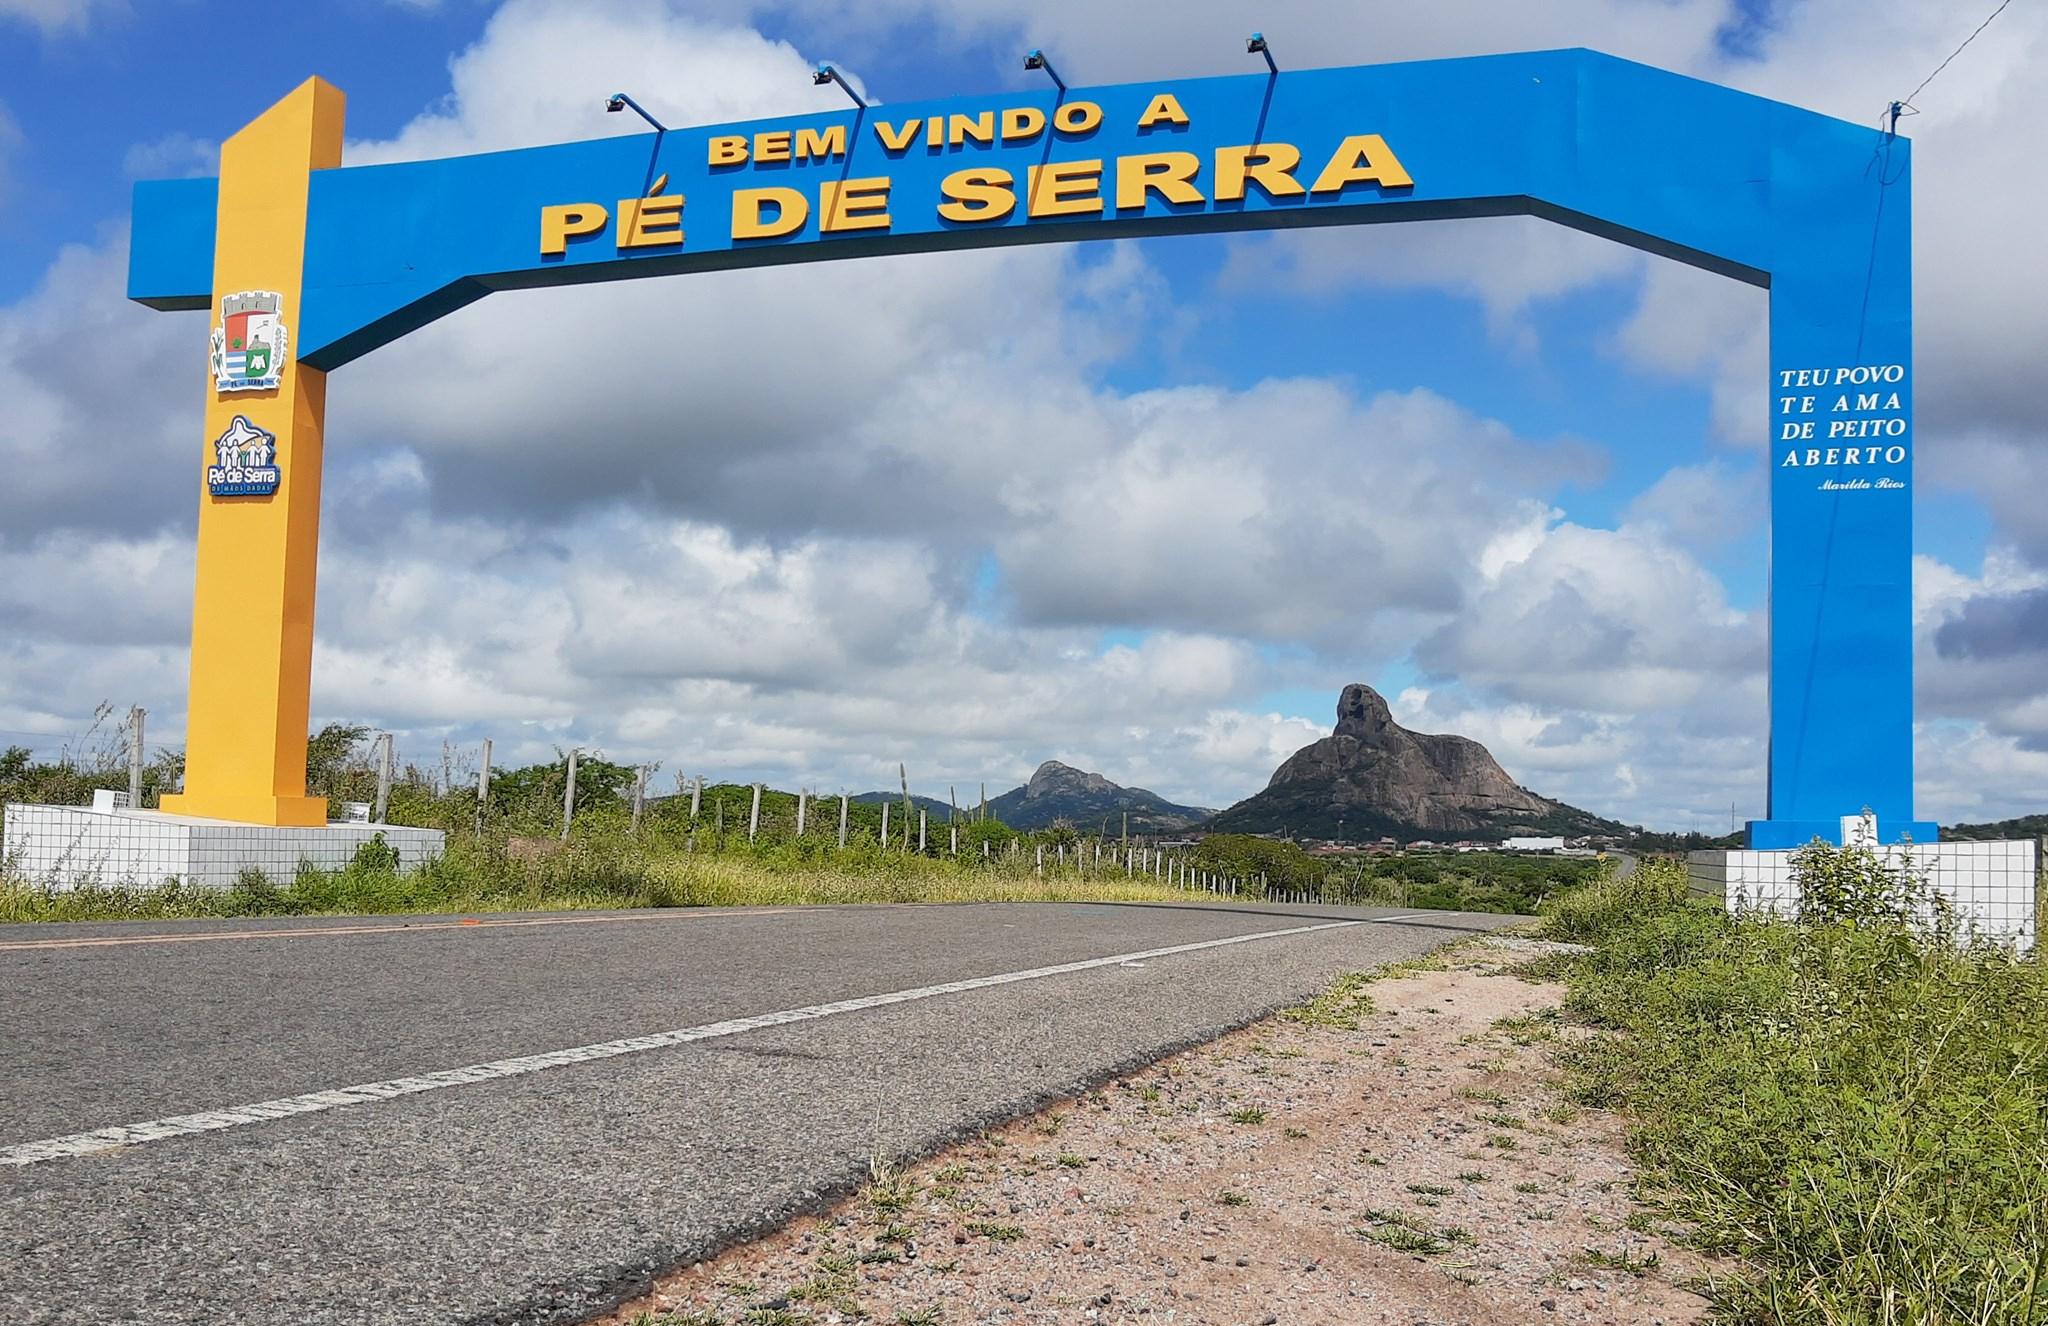 Pé de Serra confirma 45 novos casos positivos para a Covid-19, 235 estão aguardando resultado de exames